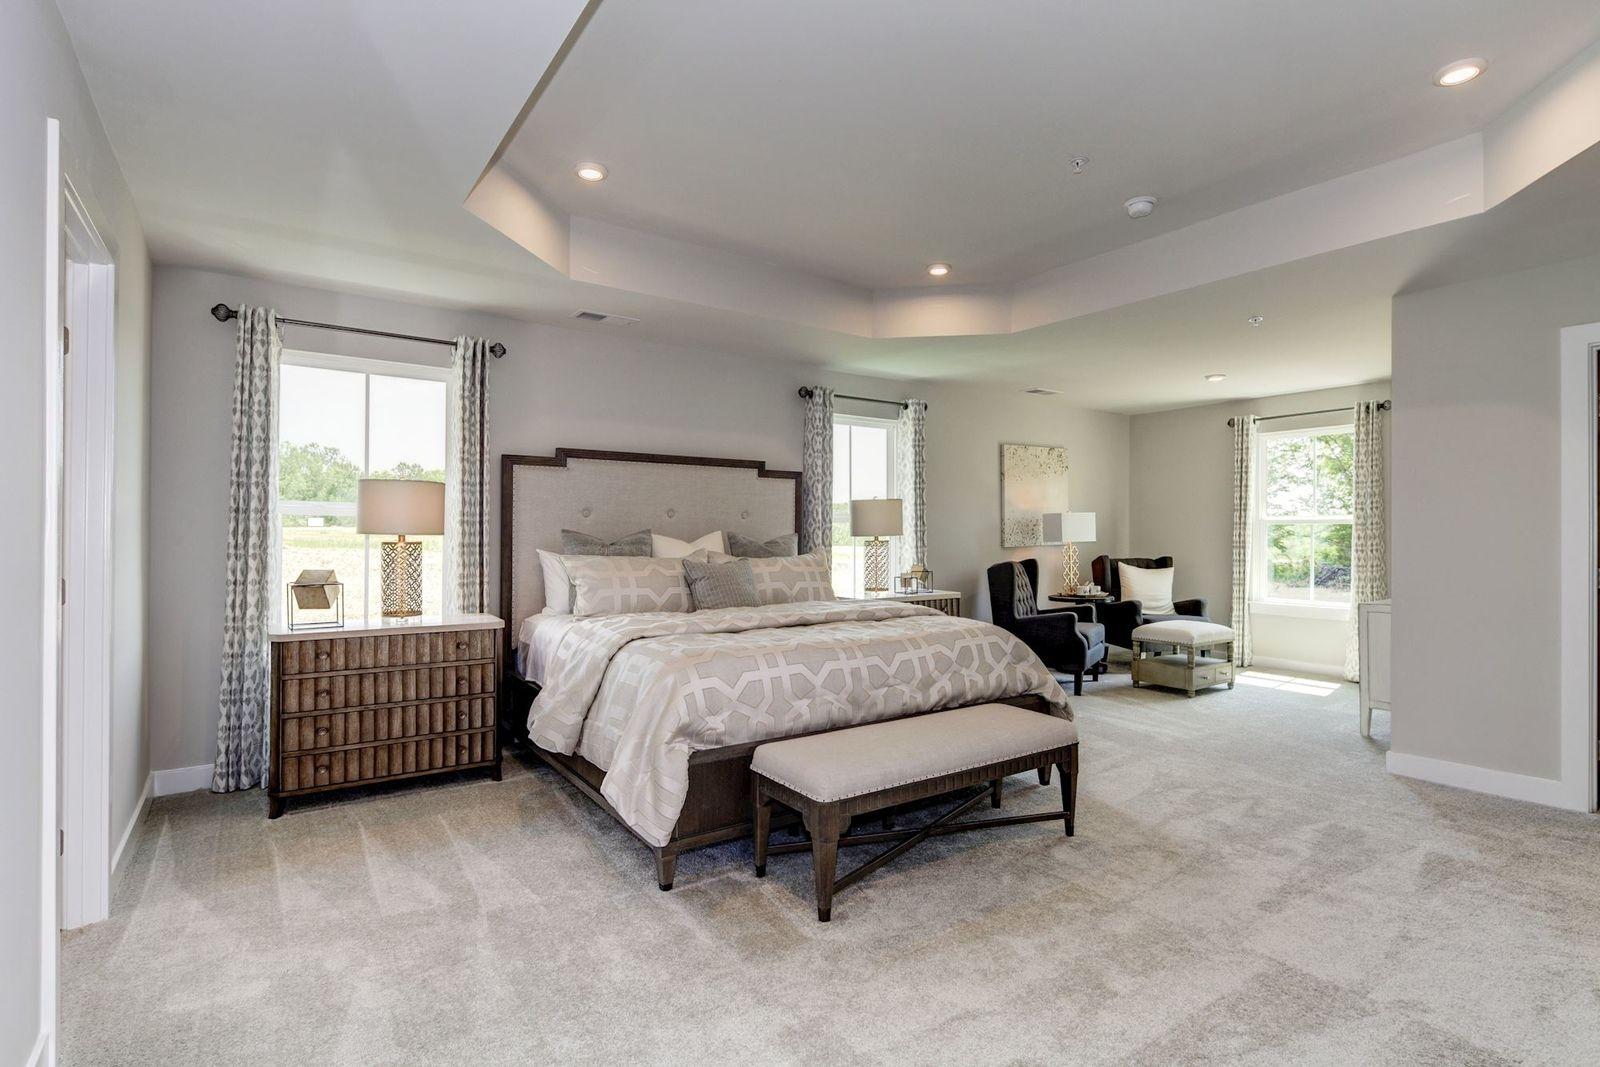 Bedroom-in-Torino-at-The Preserve at Danville Estates-in-Brandywine